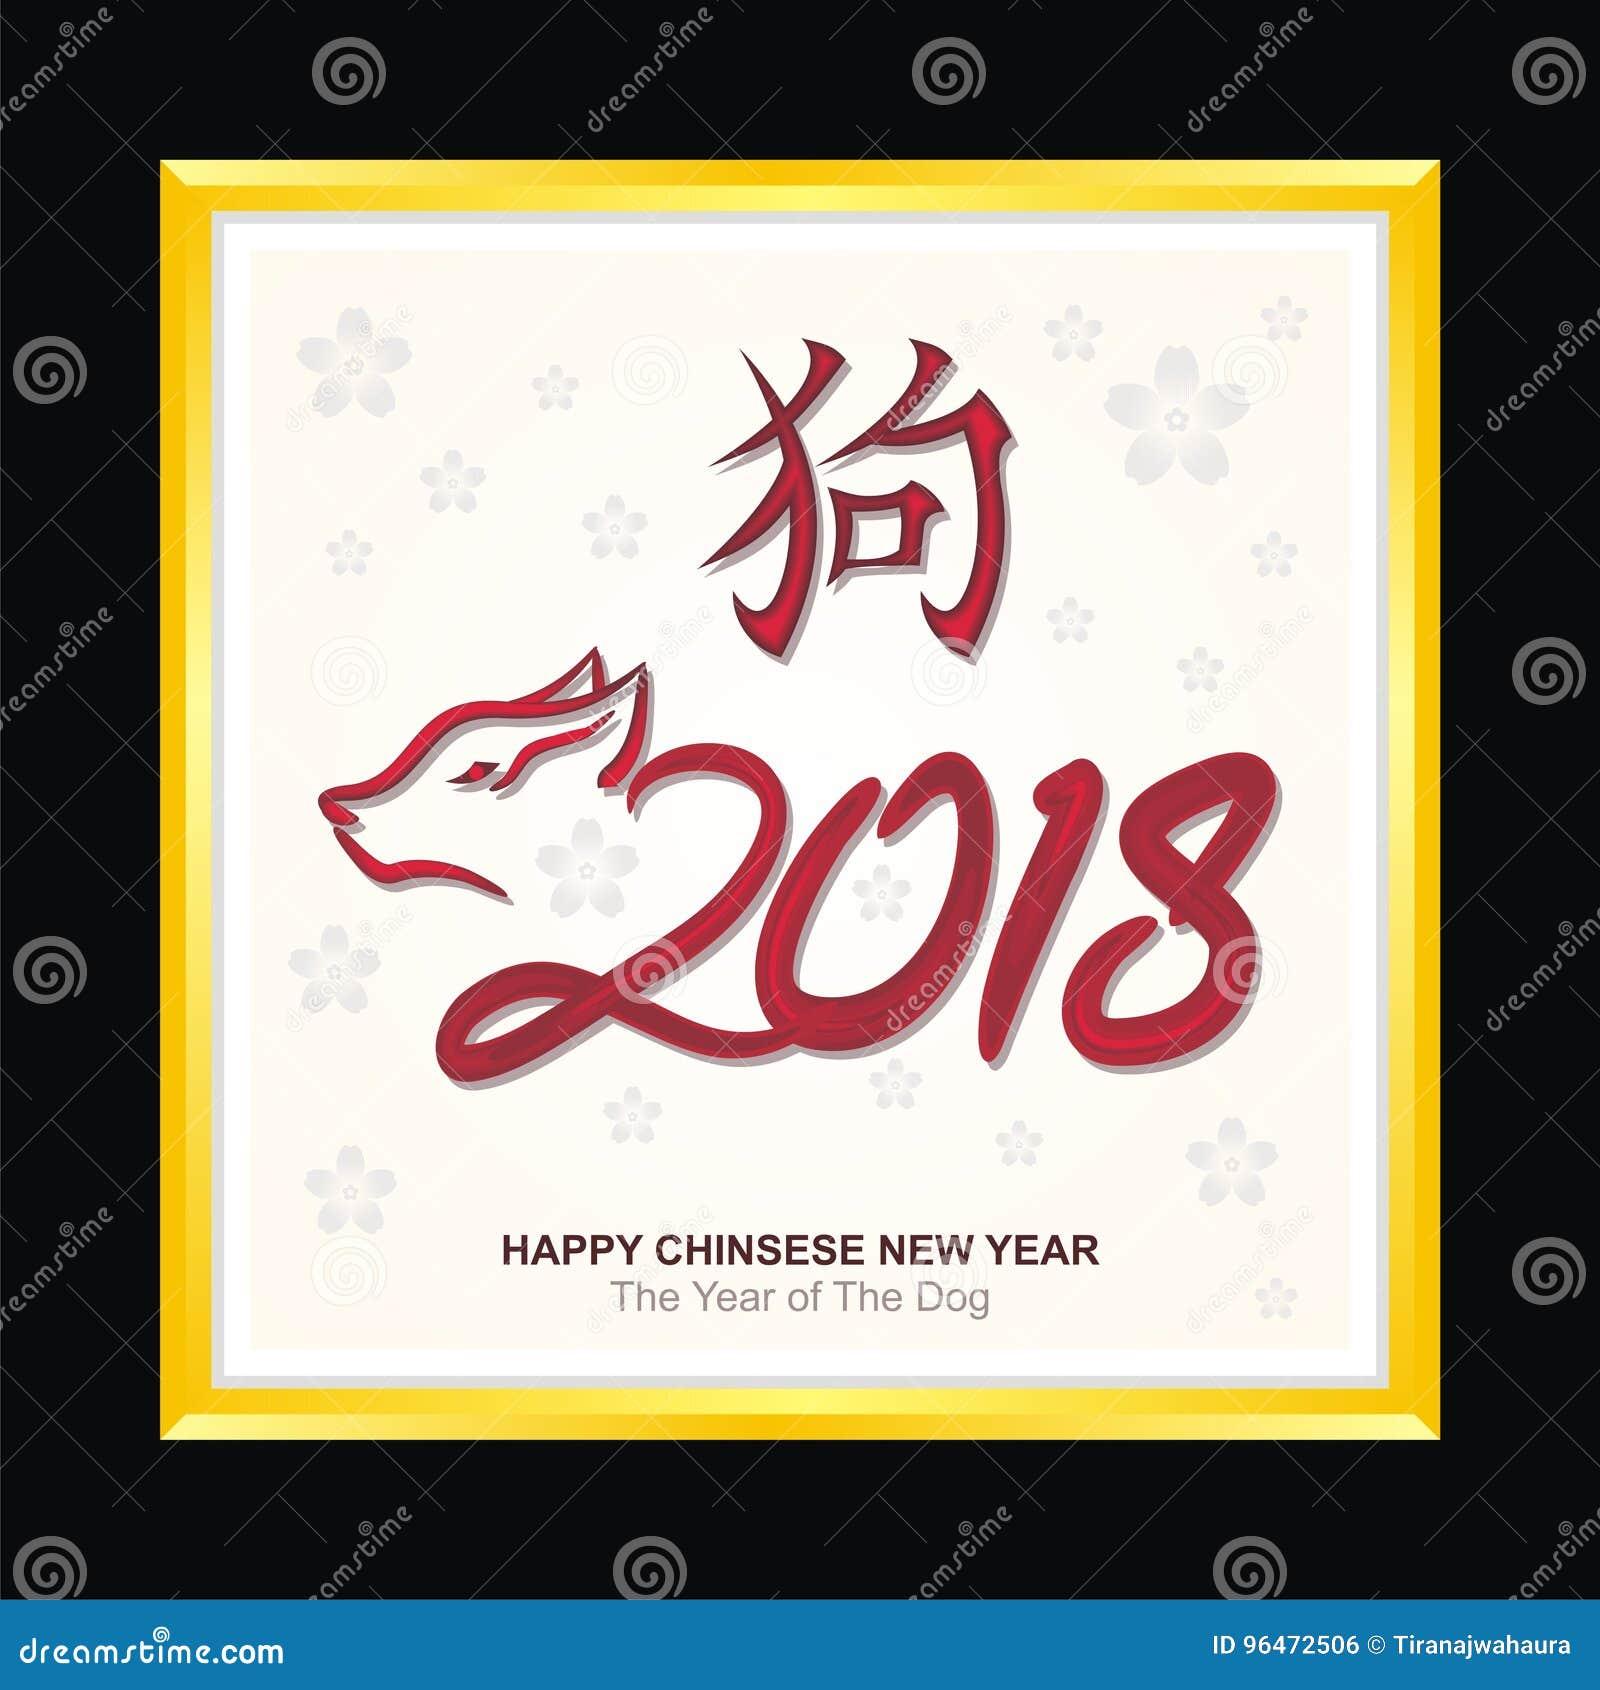 Chinesische Gruß-Karte - Jahr Des Hundes Vektor Abbildung ...